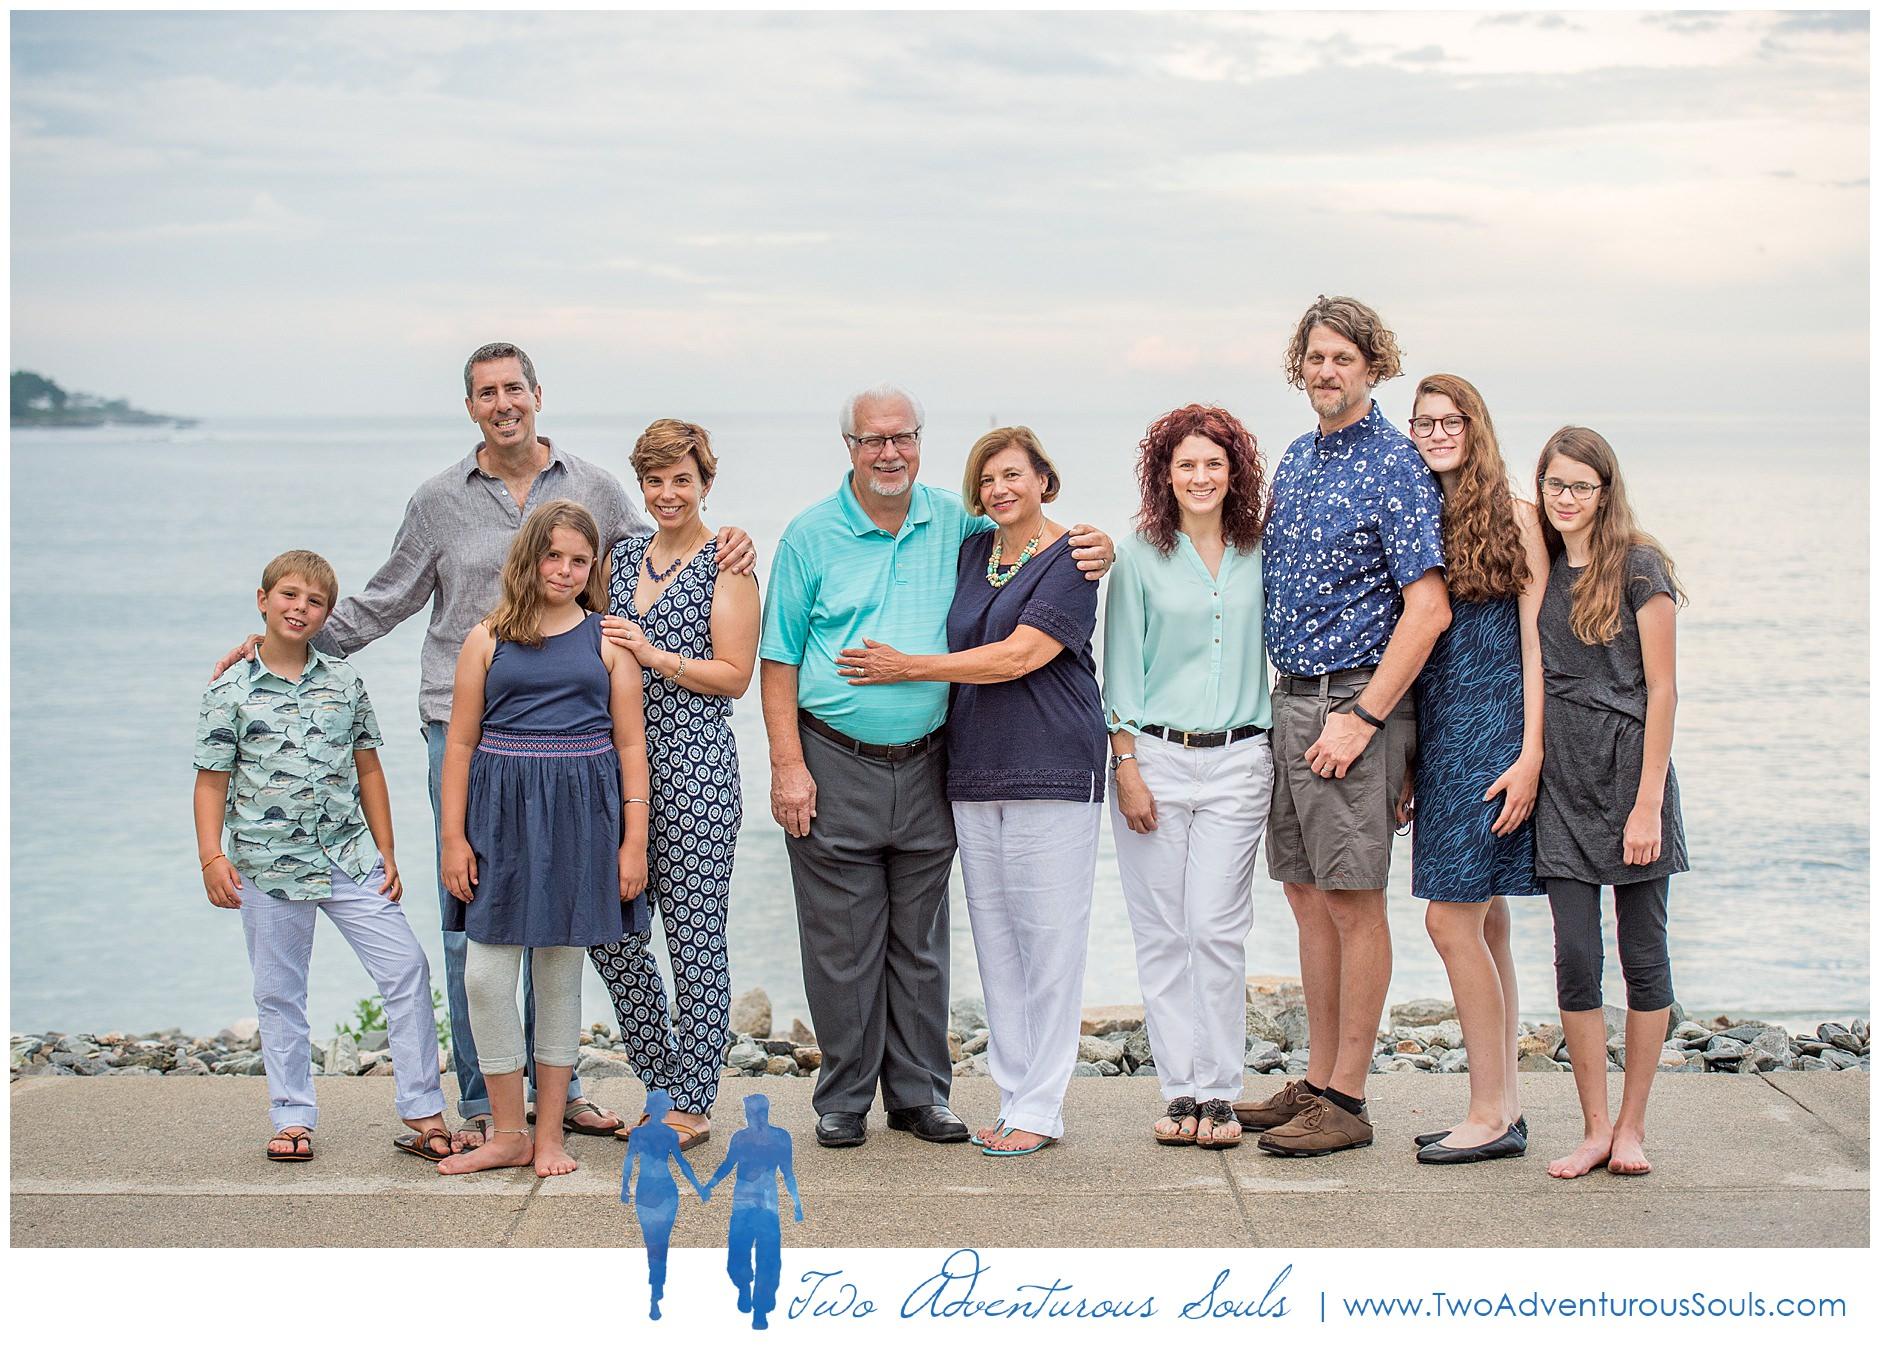 080318 - York Beach Family Portraits, Maine Family Photographers_0000.jpg